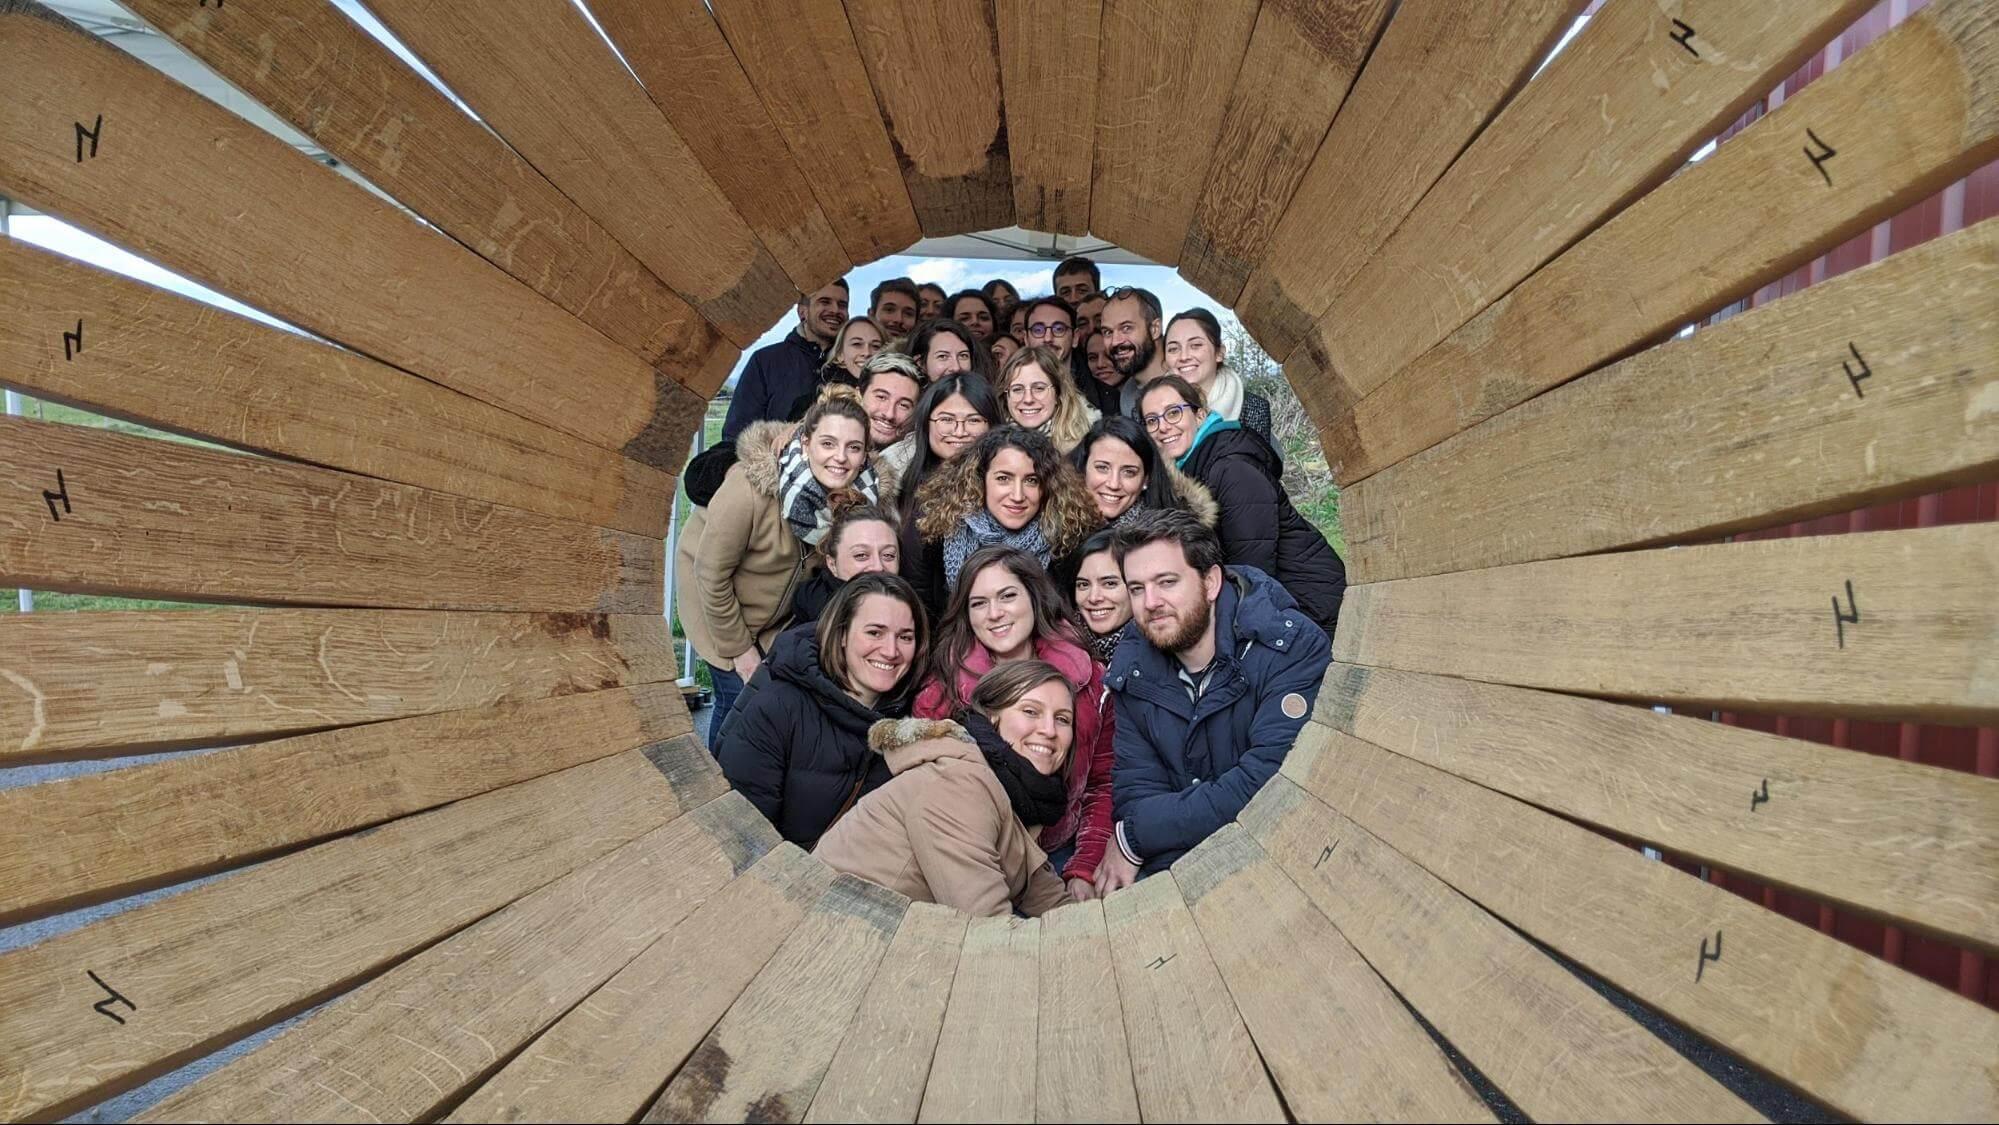 Séminaires Invox: l'équipe Invox lors de l'atelier tonnellerie